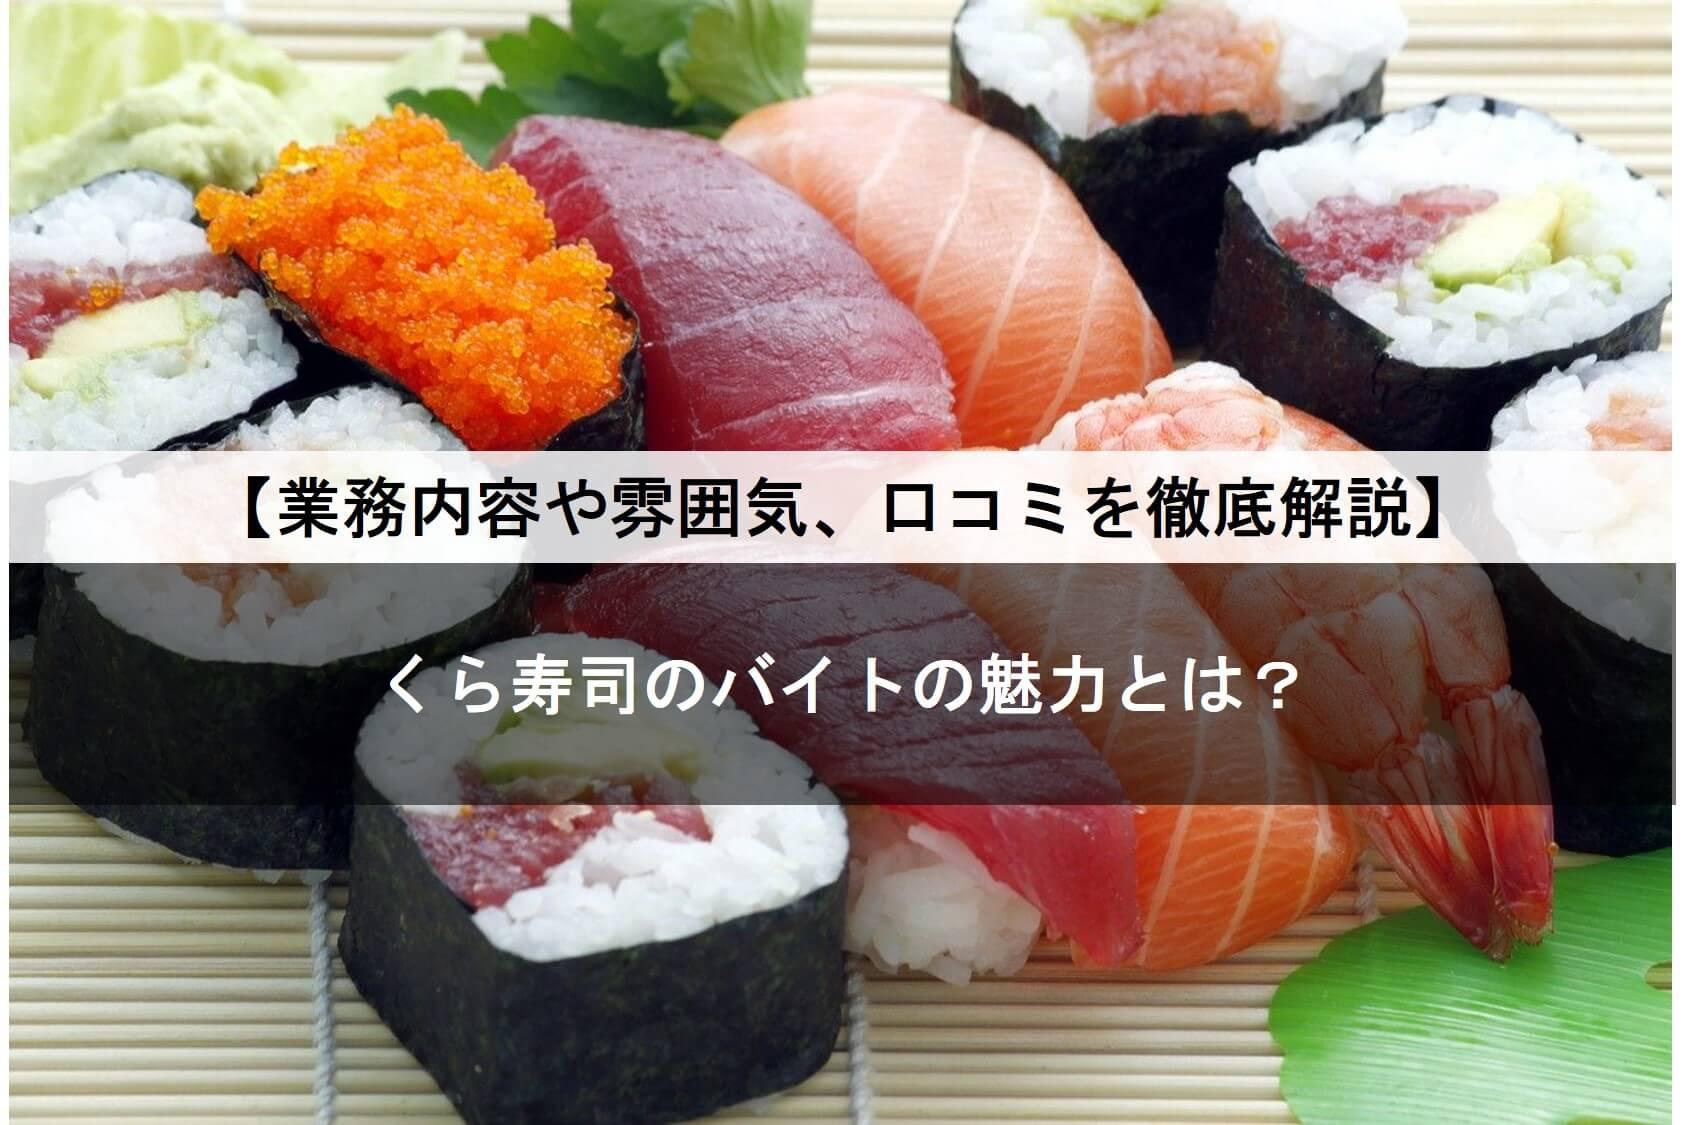 バイト 口コミ 寿司 くら